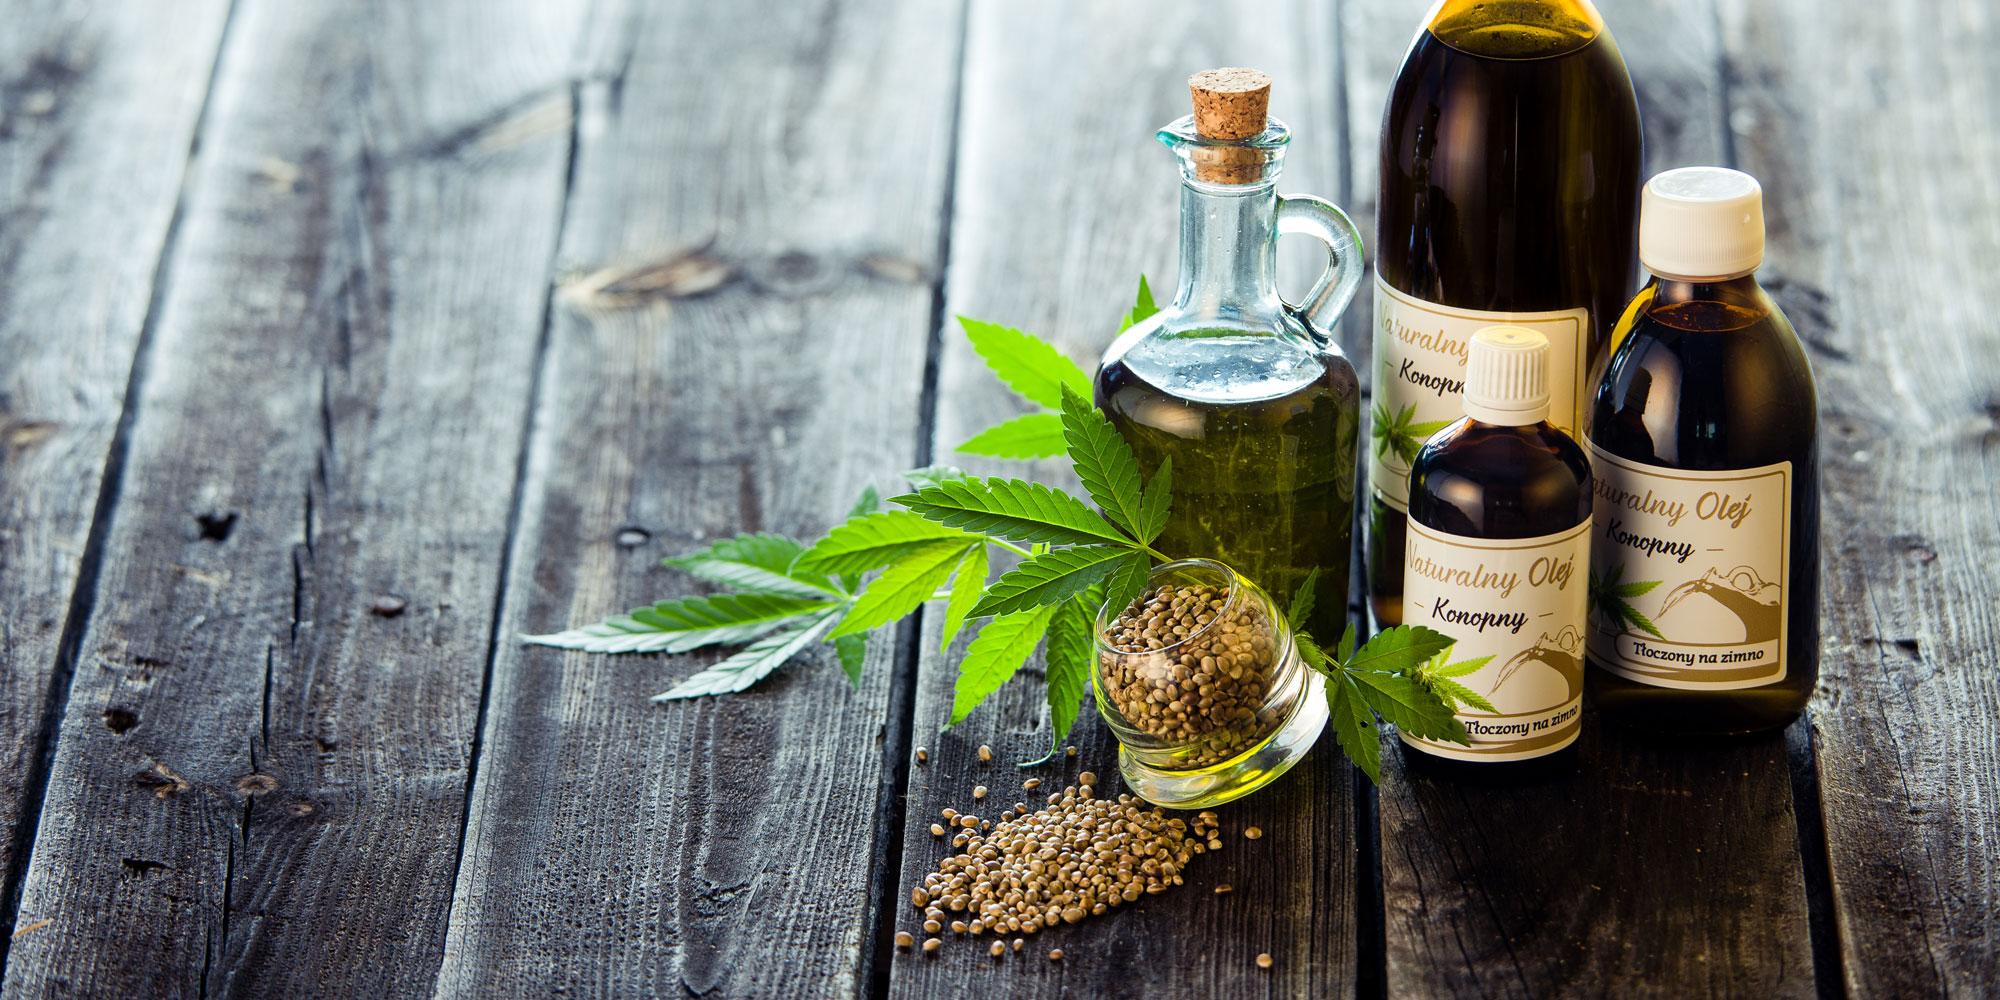 Tłocznia oraz wytwórnia olejów ekologicznych i produktów spożywczych.